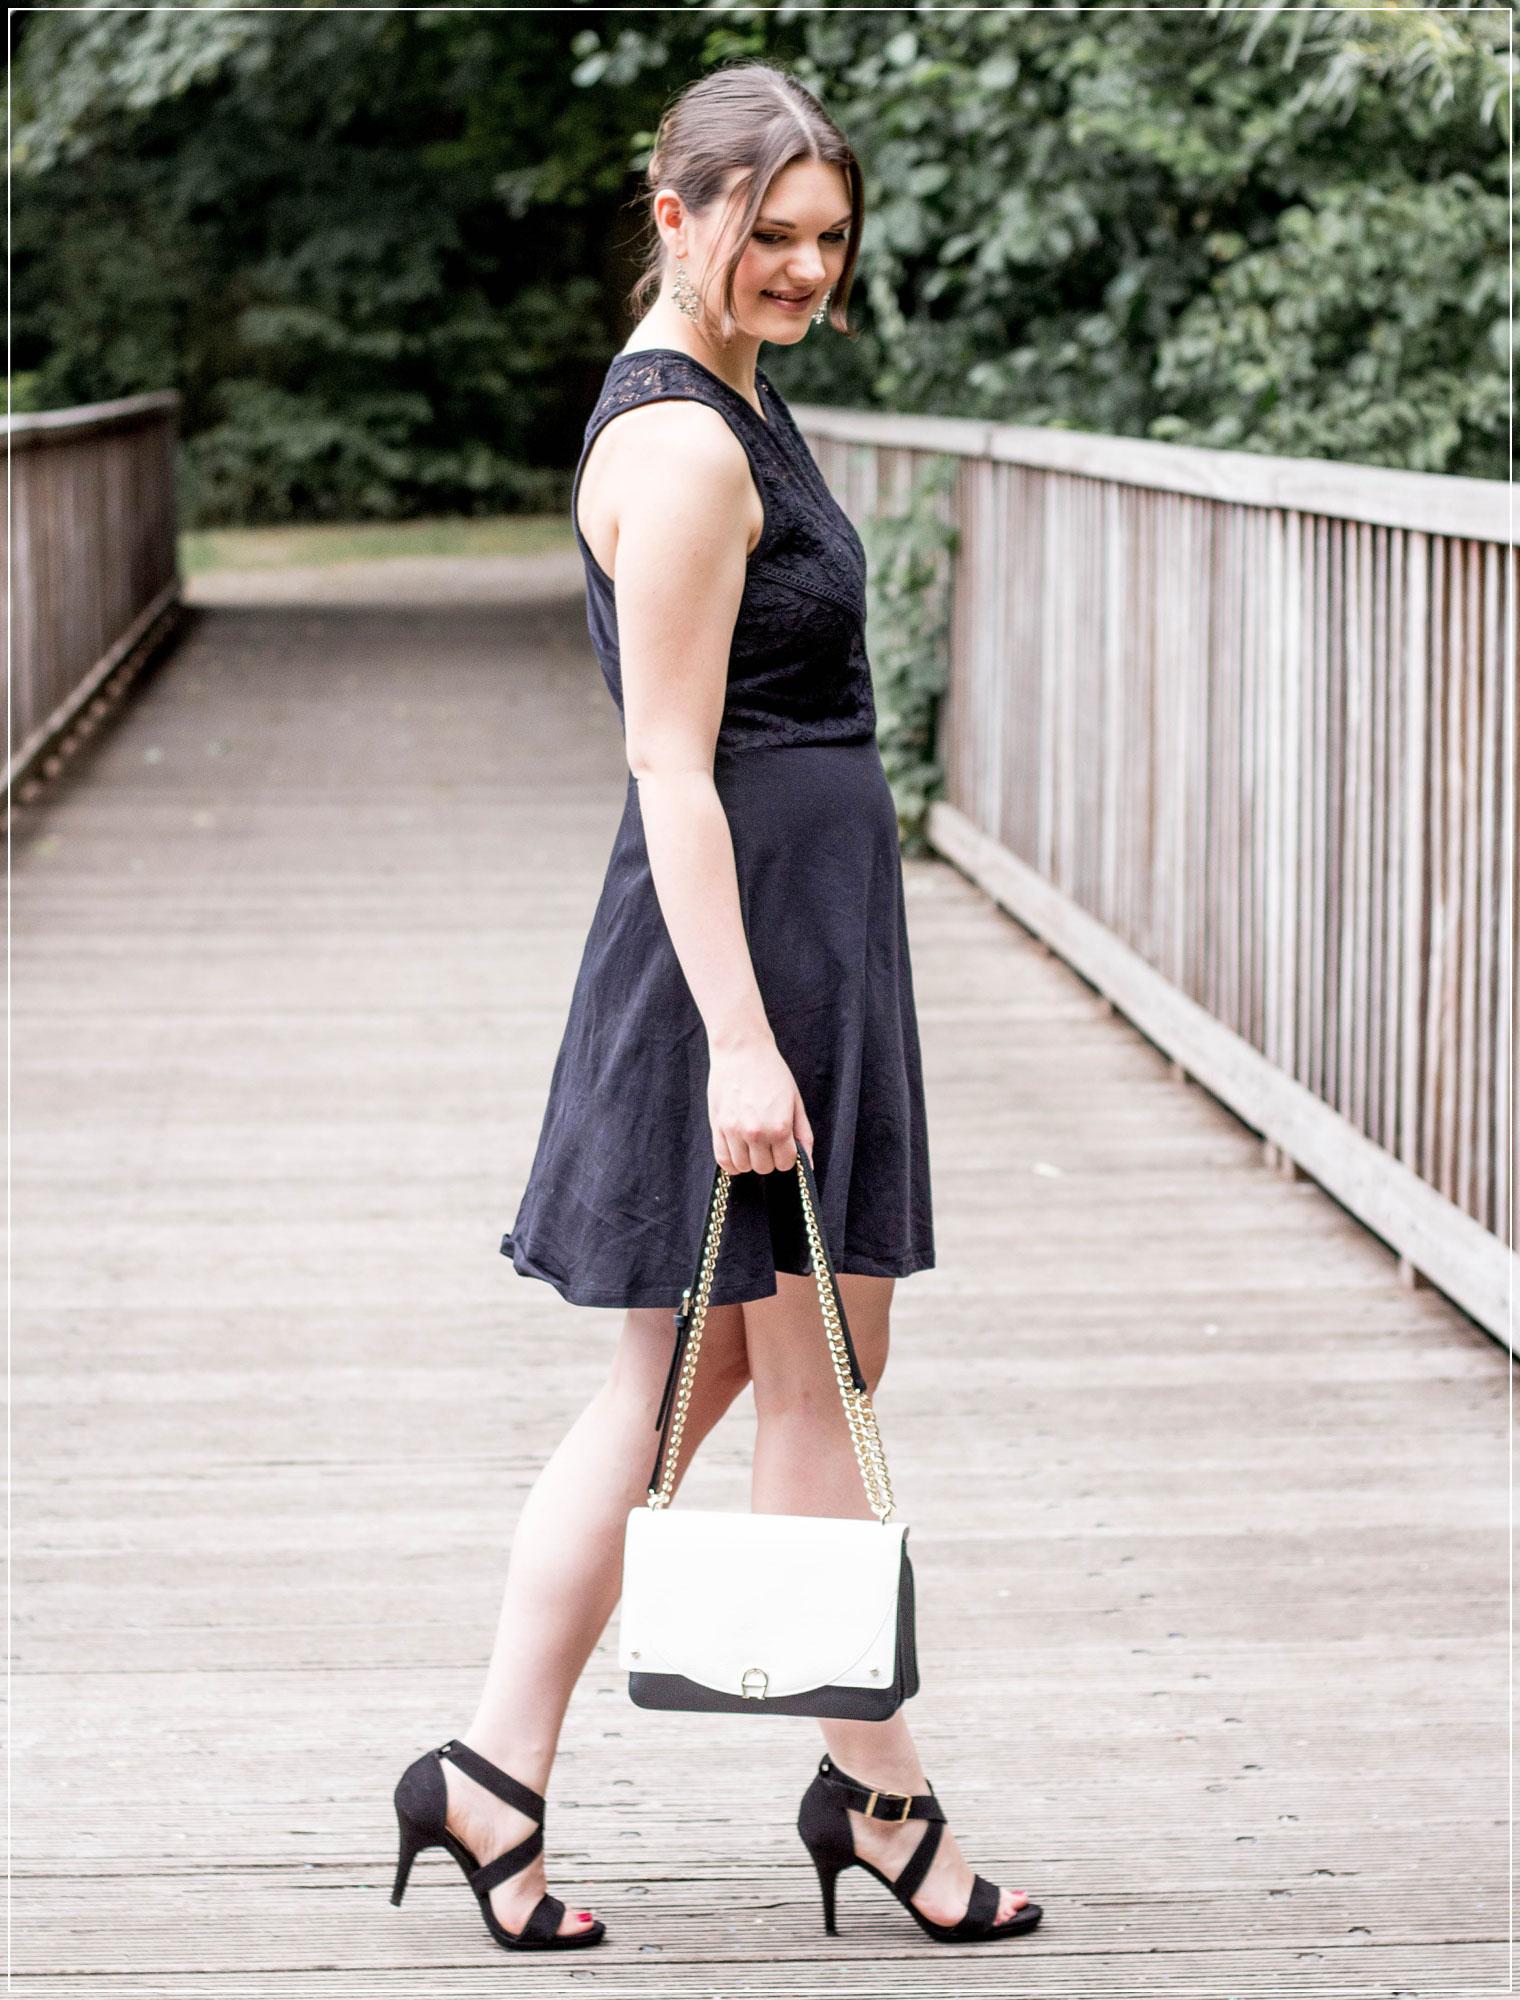 Jeans Fritz, Freizeitkleid, Jerseykleid, Sommerkleid, Sommeroutfit, Outfitinspiration, Summerstyle, Boho, Modebloggerin, Fashionbloggerin, Modeblog, Ruhrgebiet